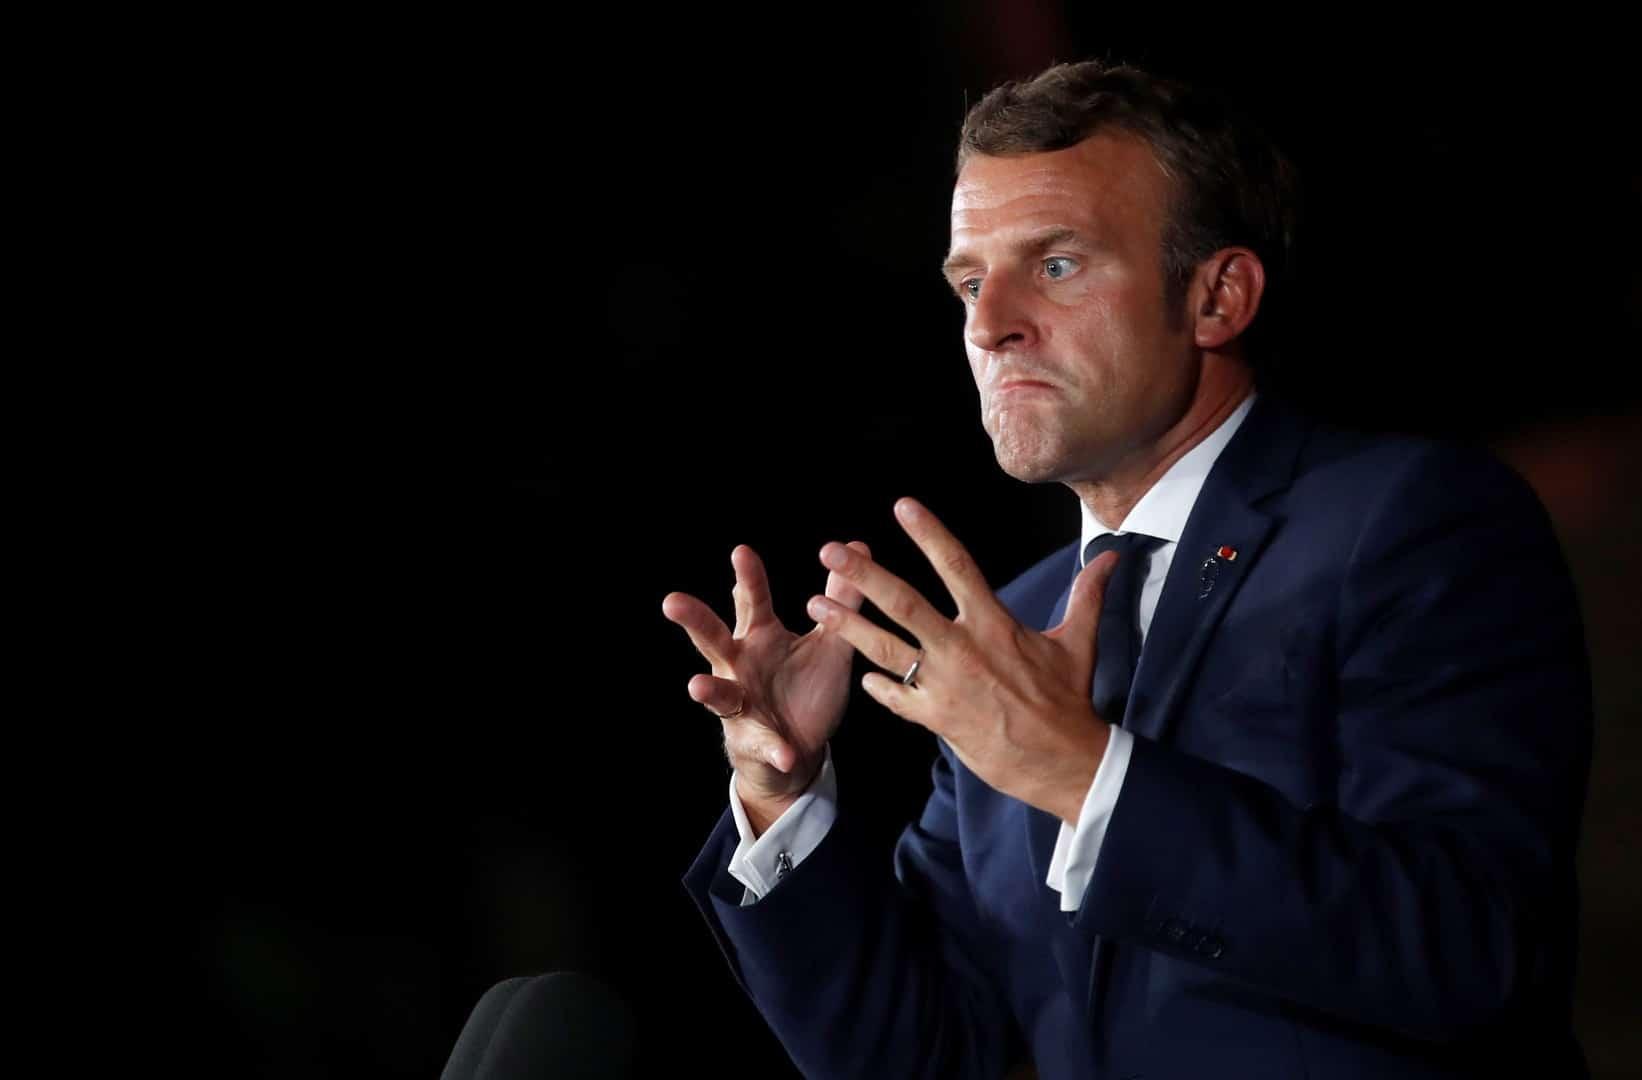 """ماكرون منتقدا تغطية الإعلام لمظاهرات فرنسا: يريدون إظهارنا """"كأننا مصر""""!"""